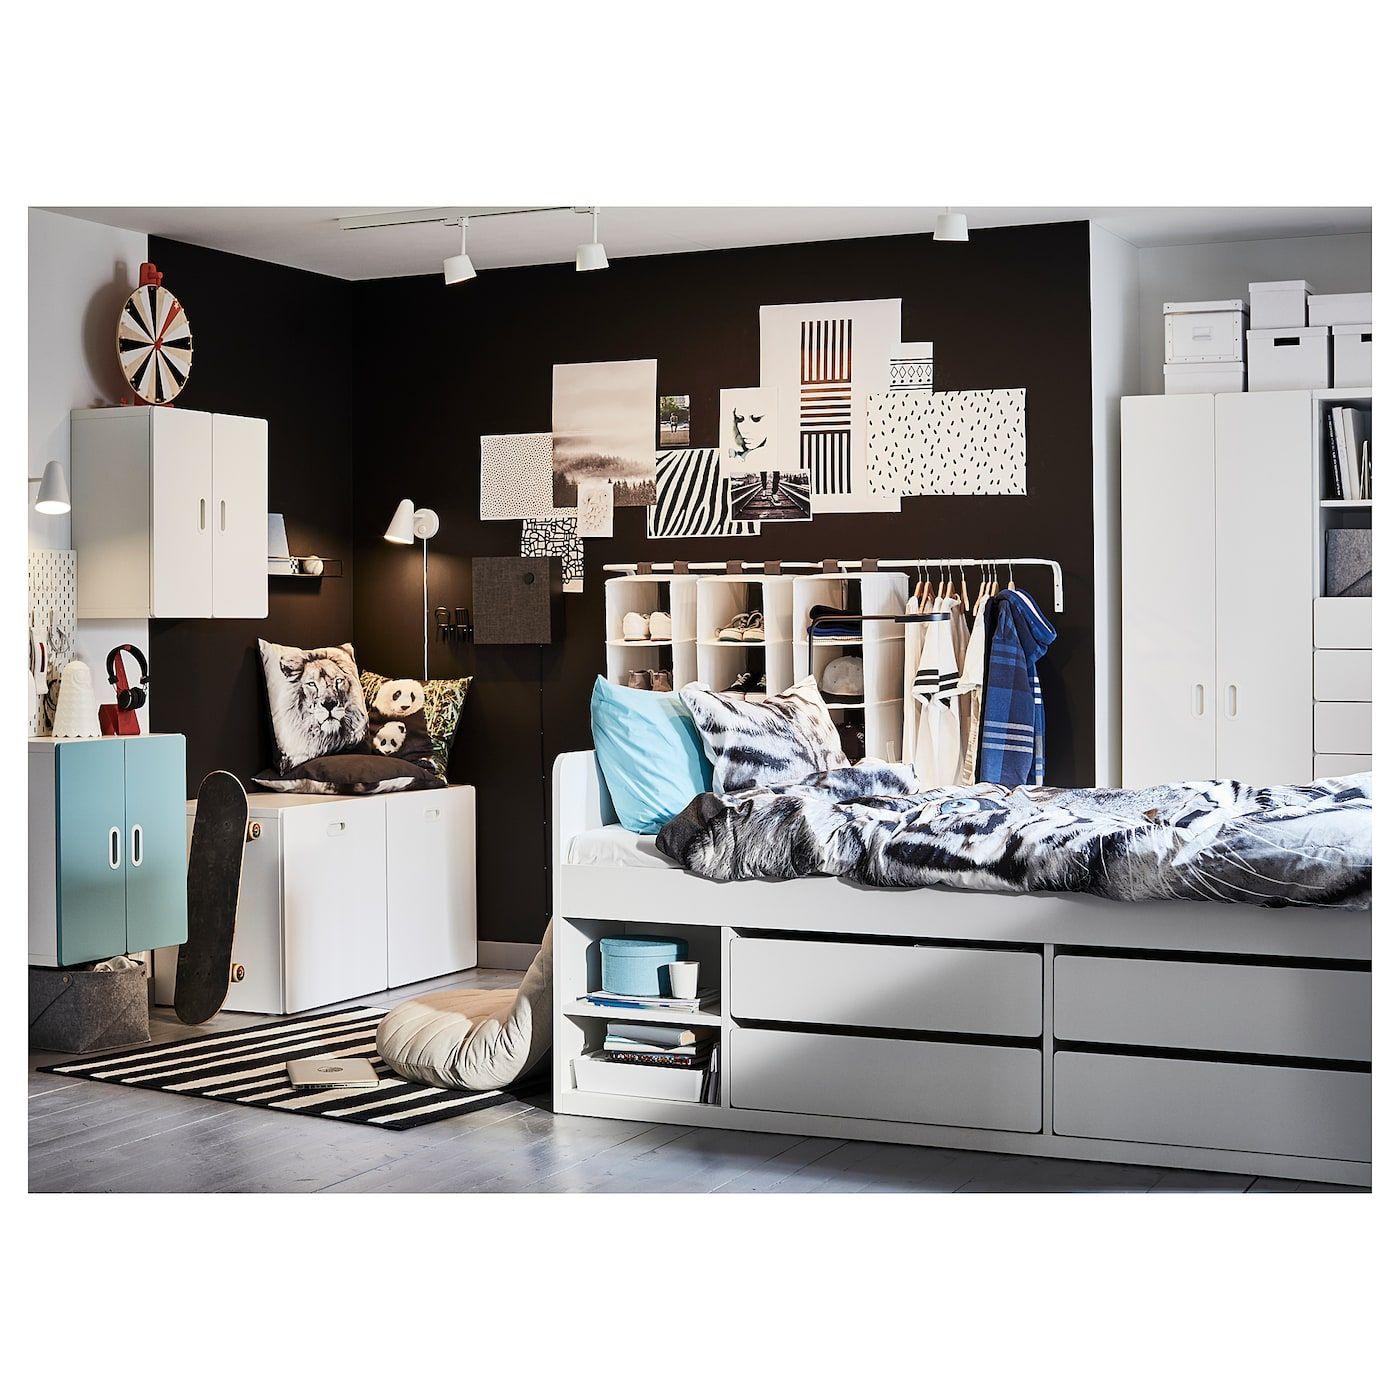 IKEA SLAKT White Bed frame w/storage+slatted bedbase